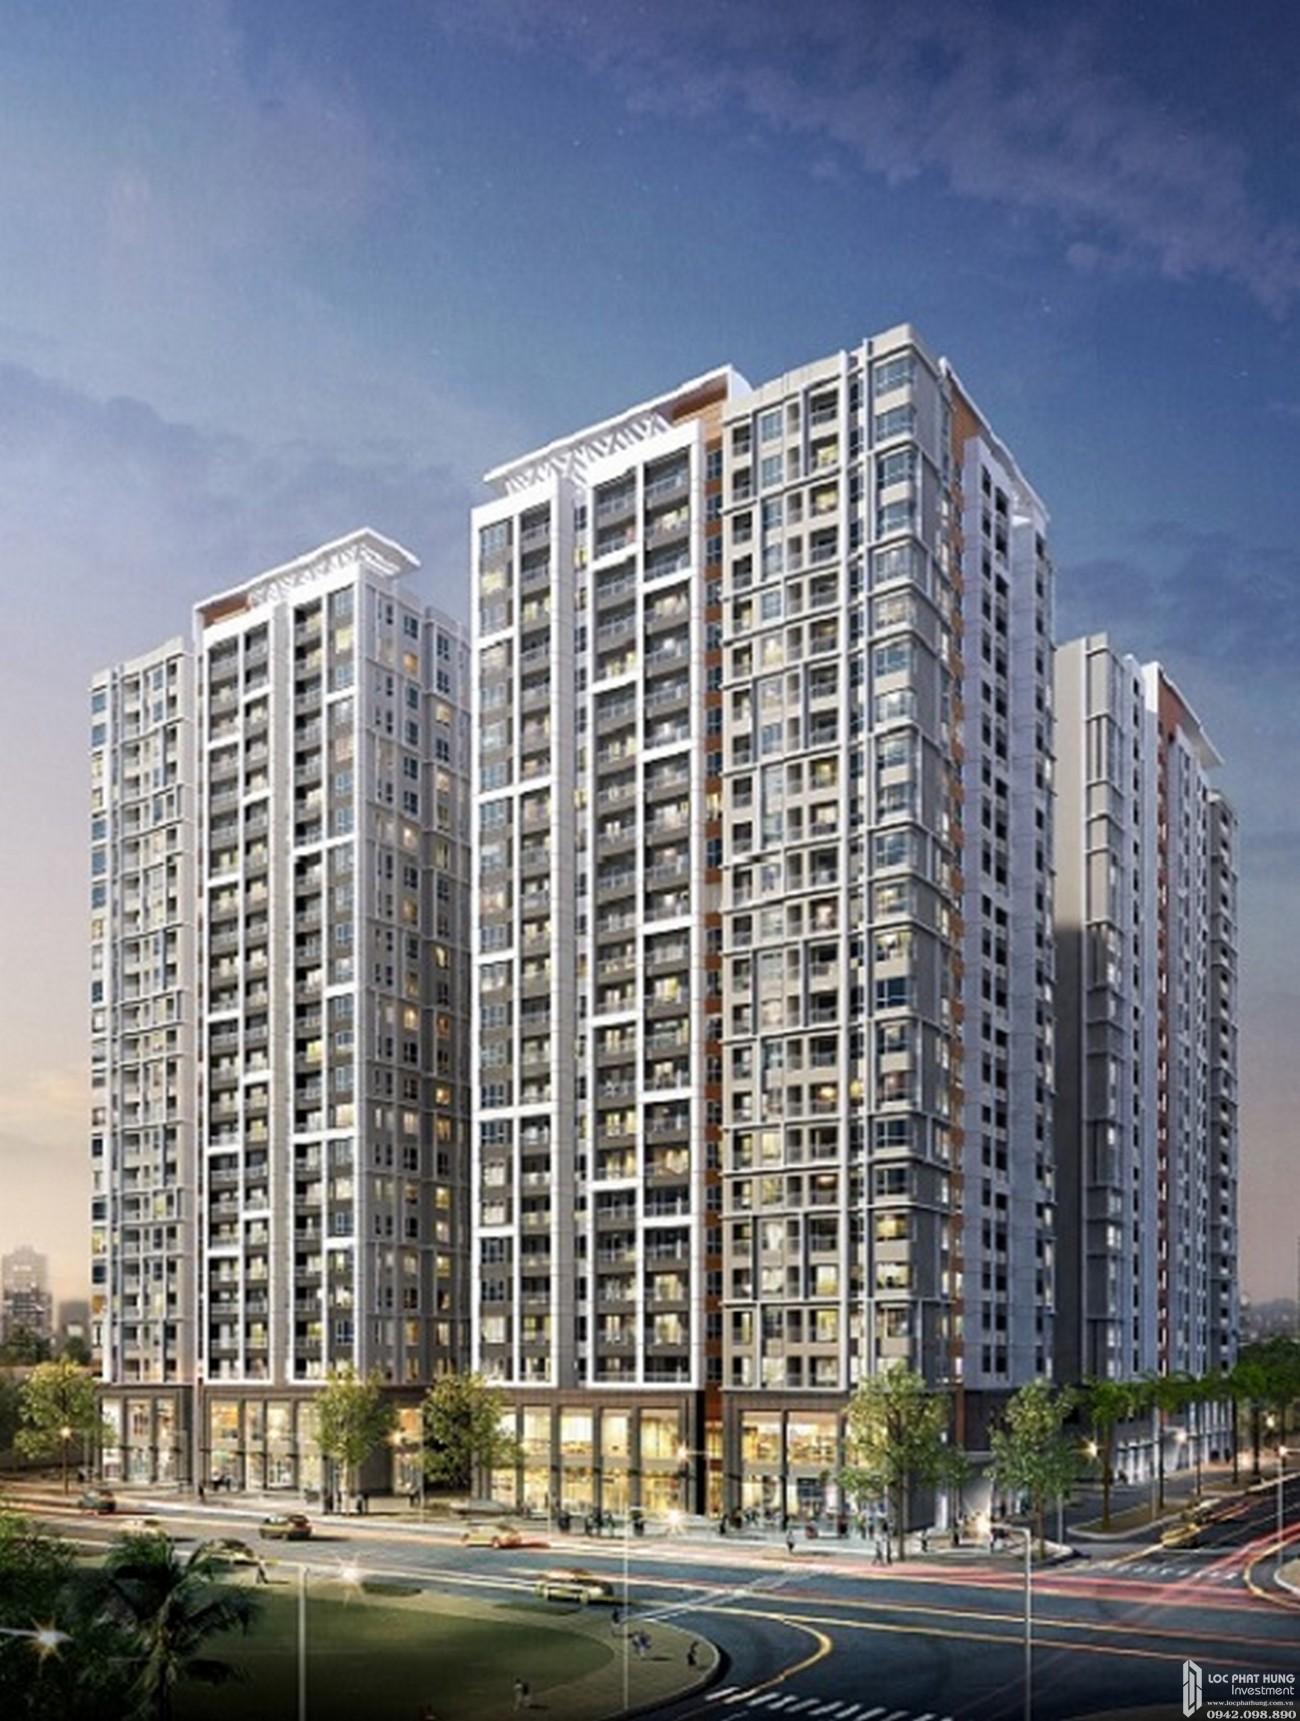 Phối cảnh tổng thể dự án căn hộ chung cư Victoria Village Quận 2 Đường Đồng Văn Cống chủ đầu tư Novaland